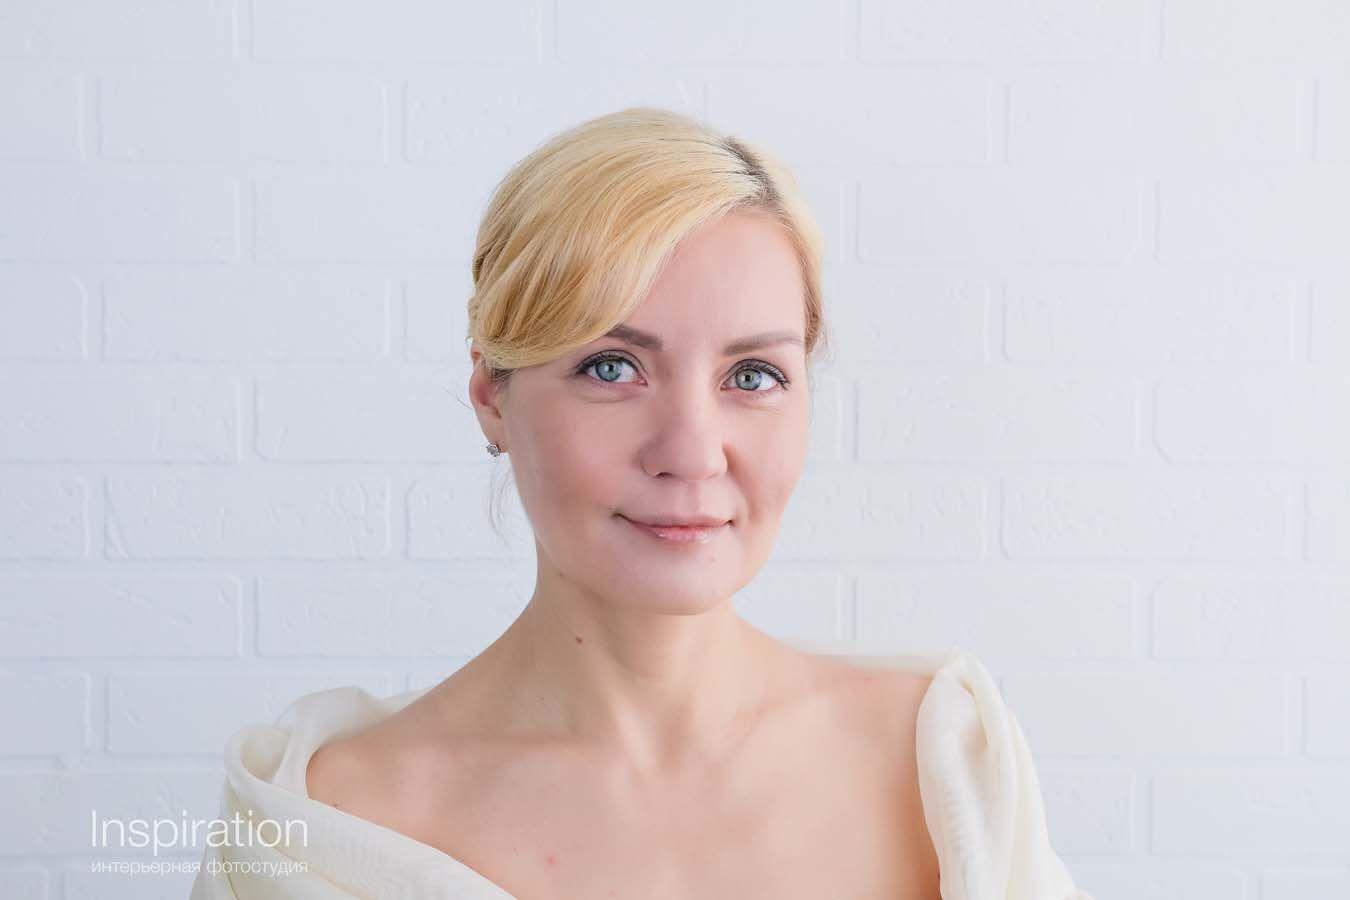 Людмила Тетерина, 37 лет.